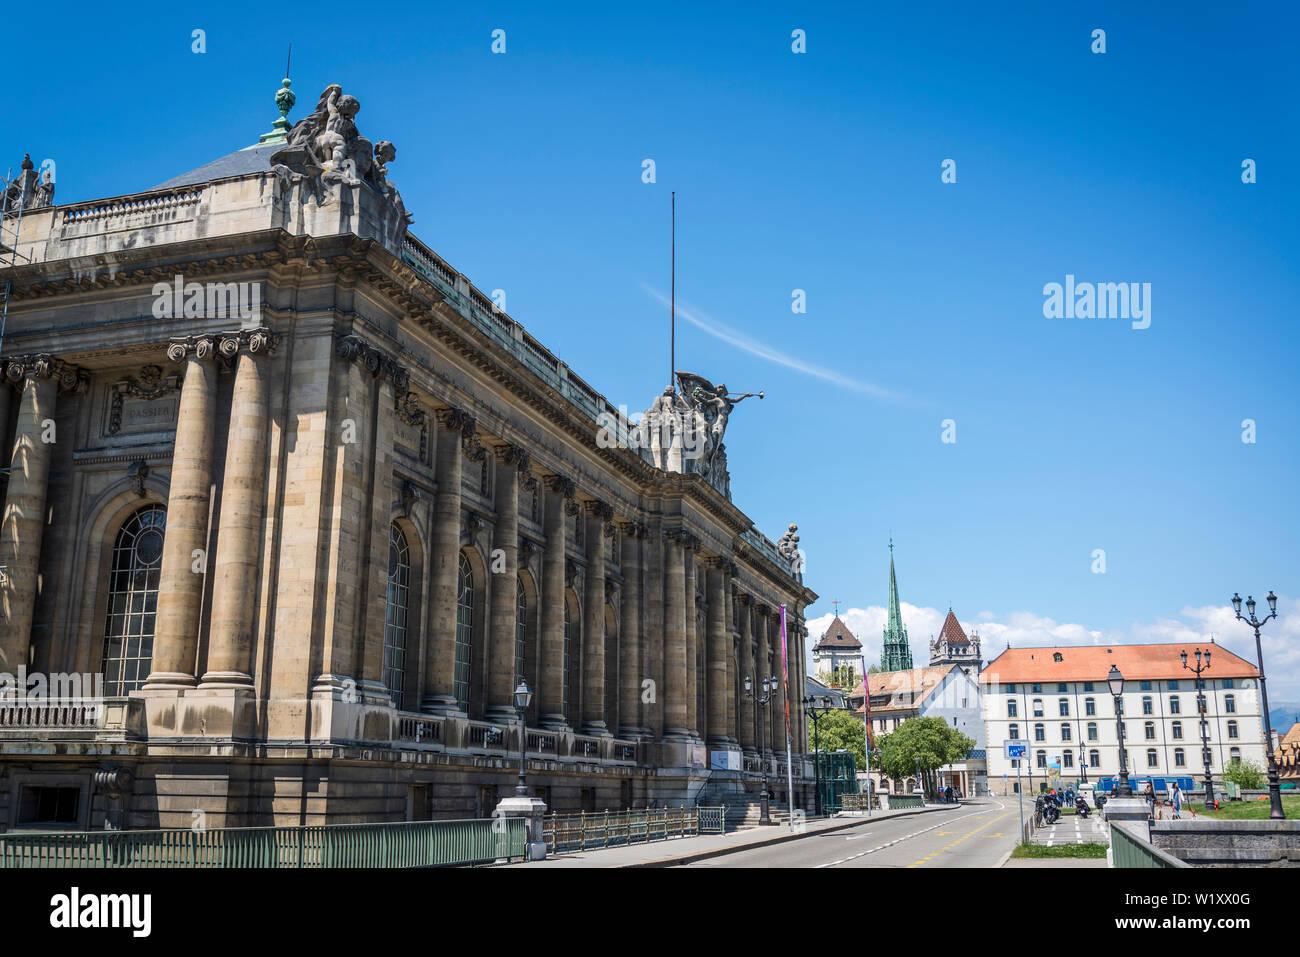 Museo de arte e historia, el museo más grande de la ciudad, Ginebra, Suiza. Foto de stock